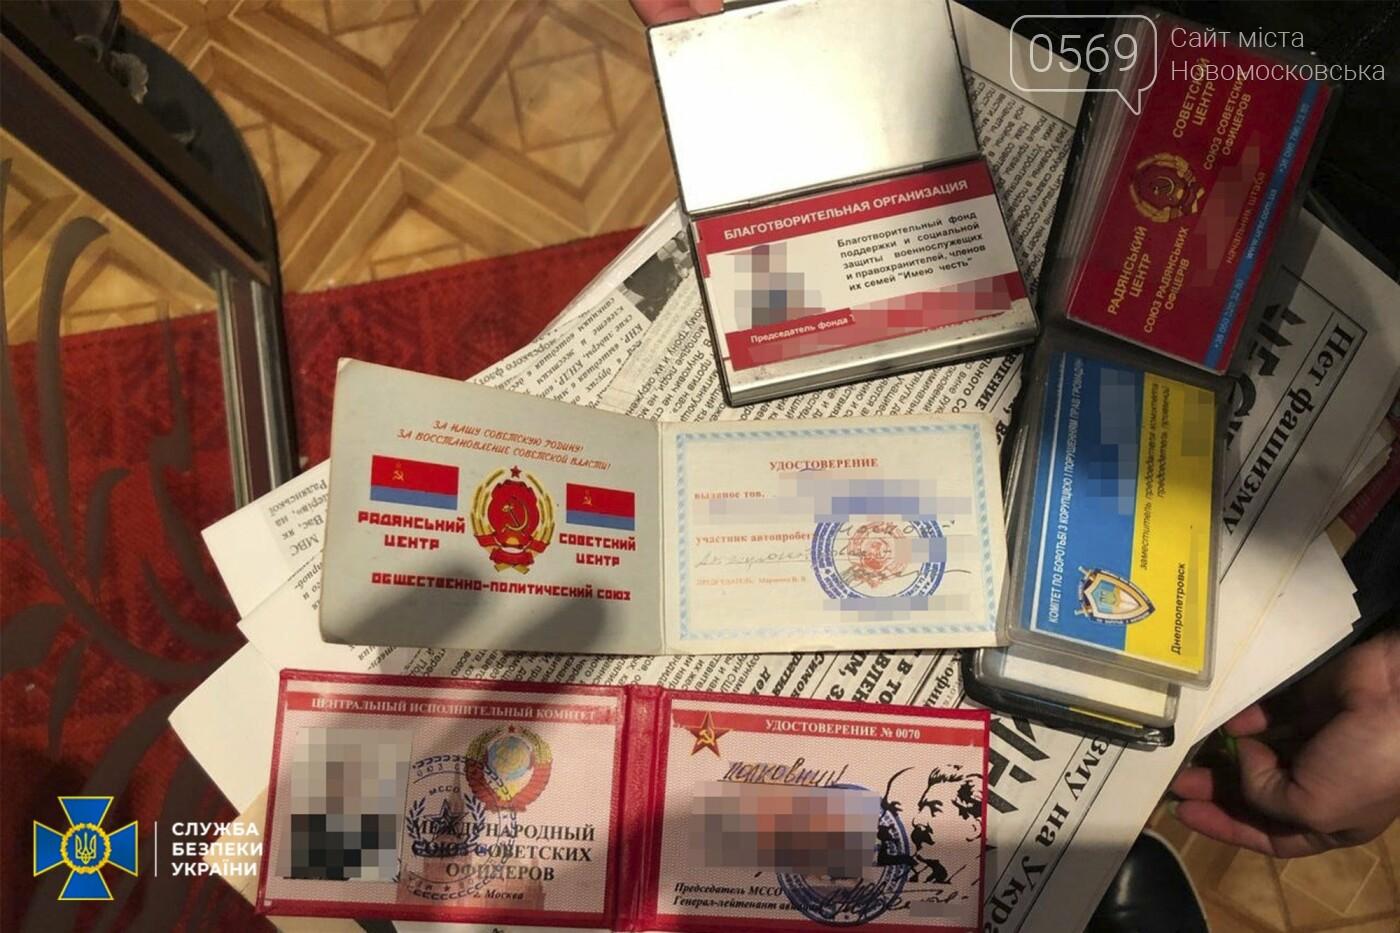 СБУ зупинила спробу псевдовиборів на Дніпропетровщині: злочинці хотіли відновити «структури СРСР», фото-1